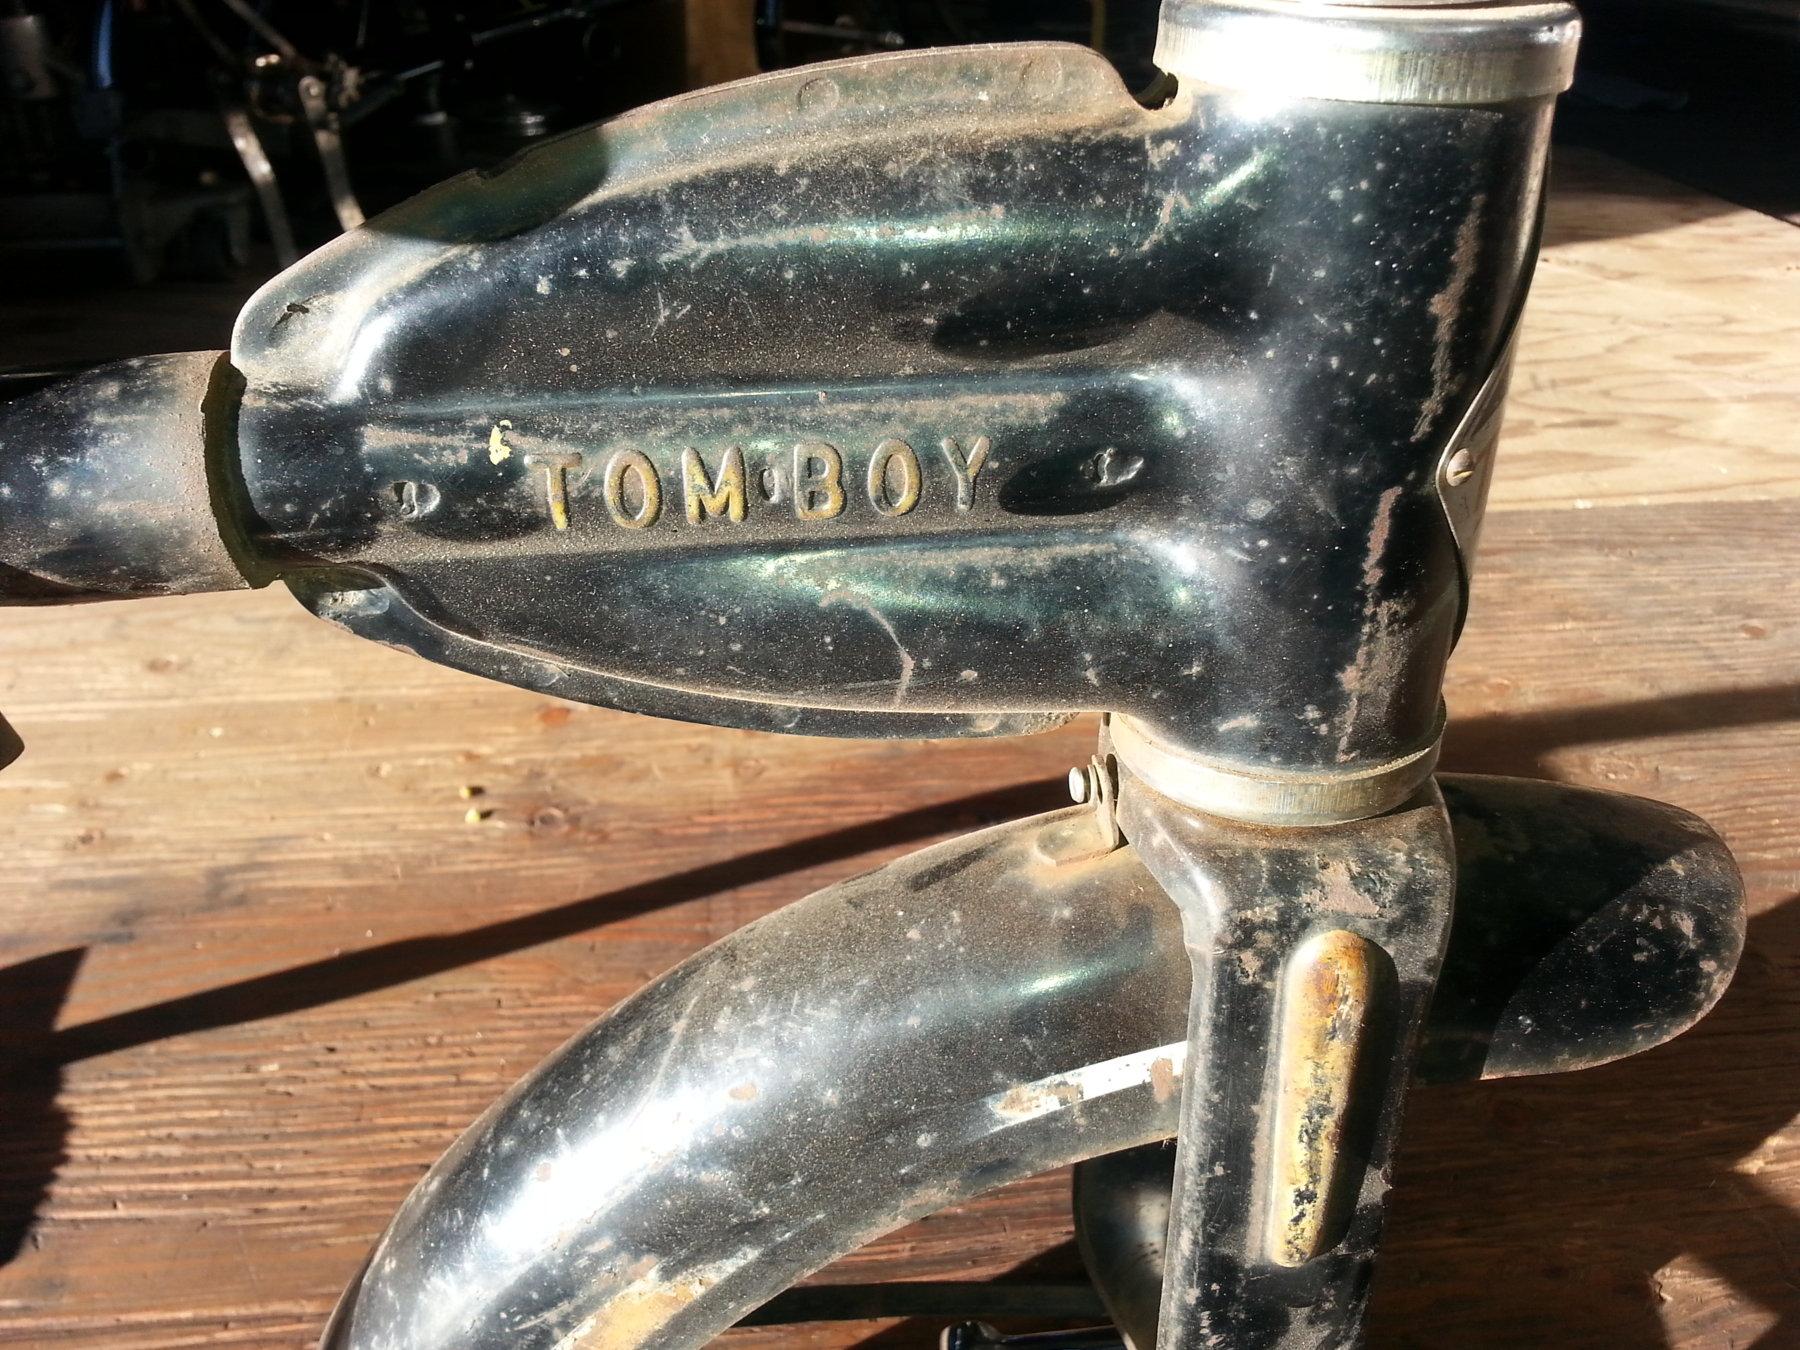 Tomboy3.jpg